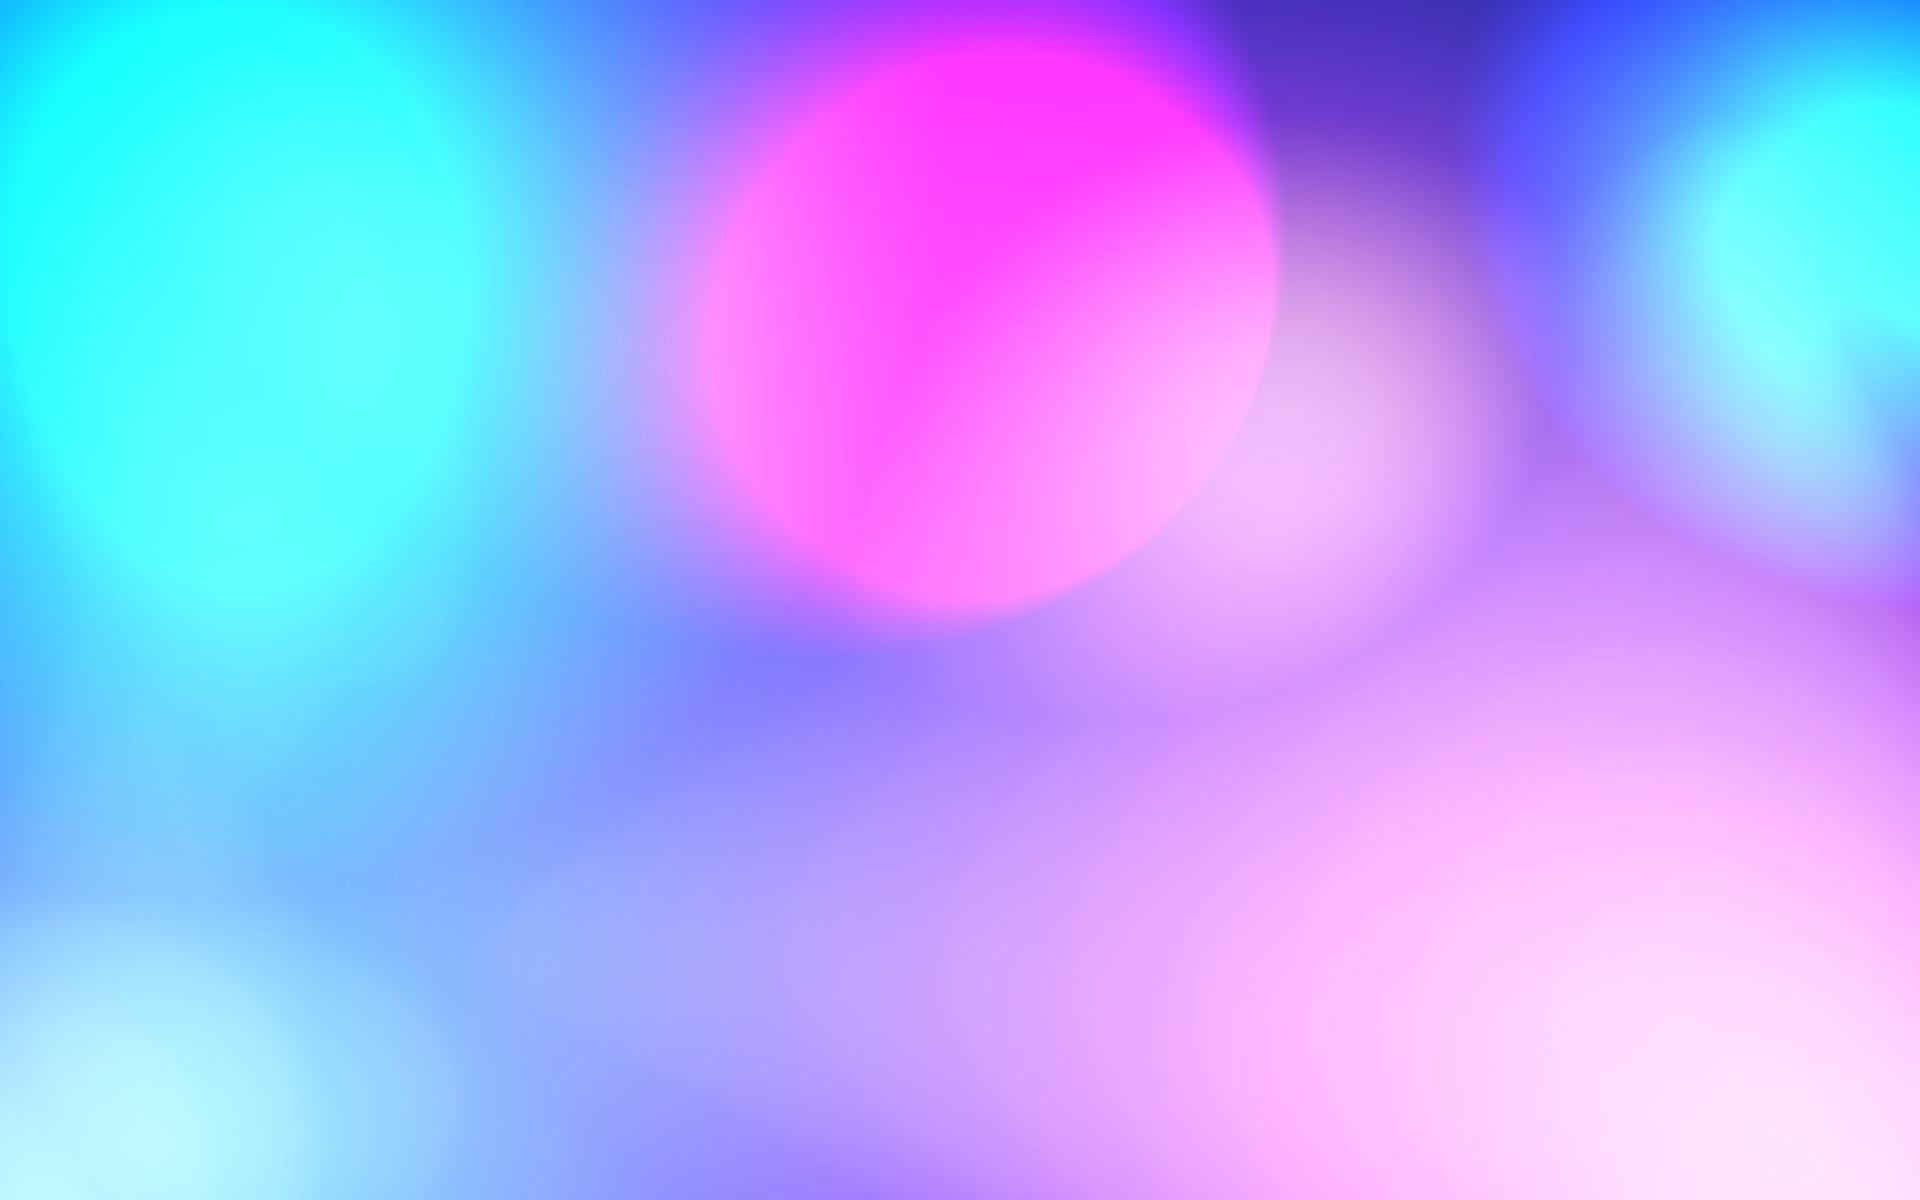 Download 57 Background Cantik Cinta HD Paling Keren